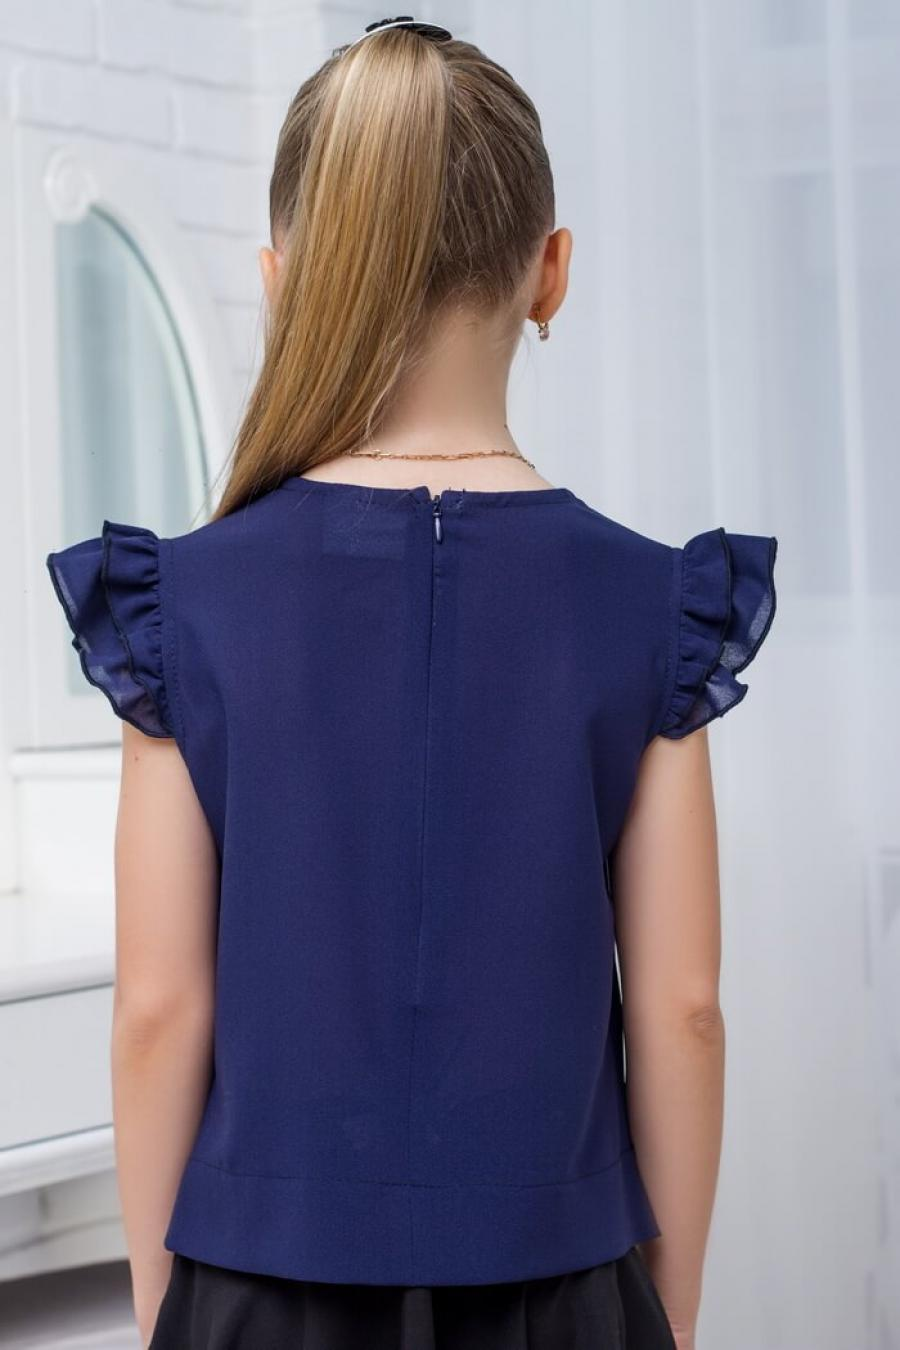 Купить красивую блузку школьную для девочки